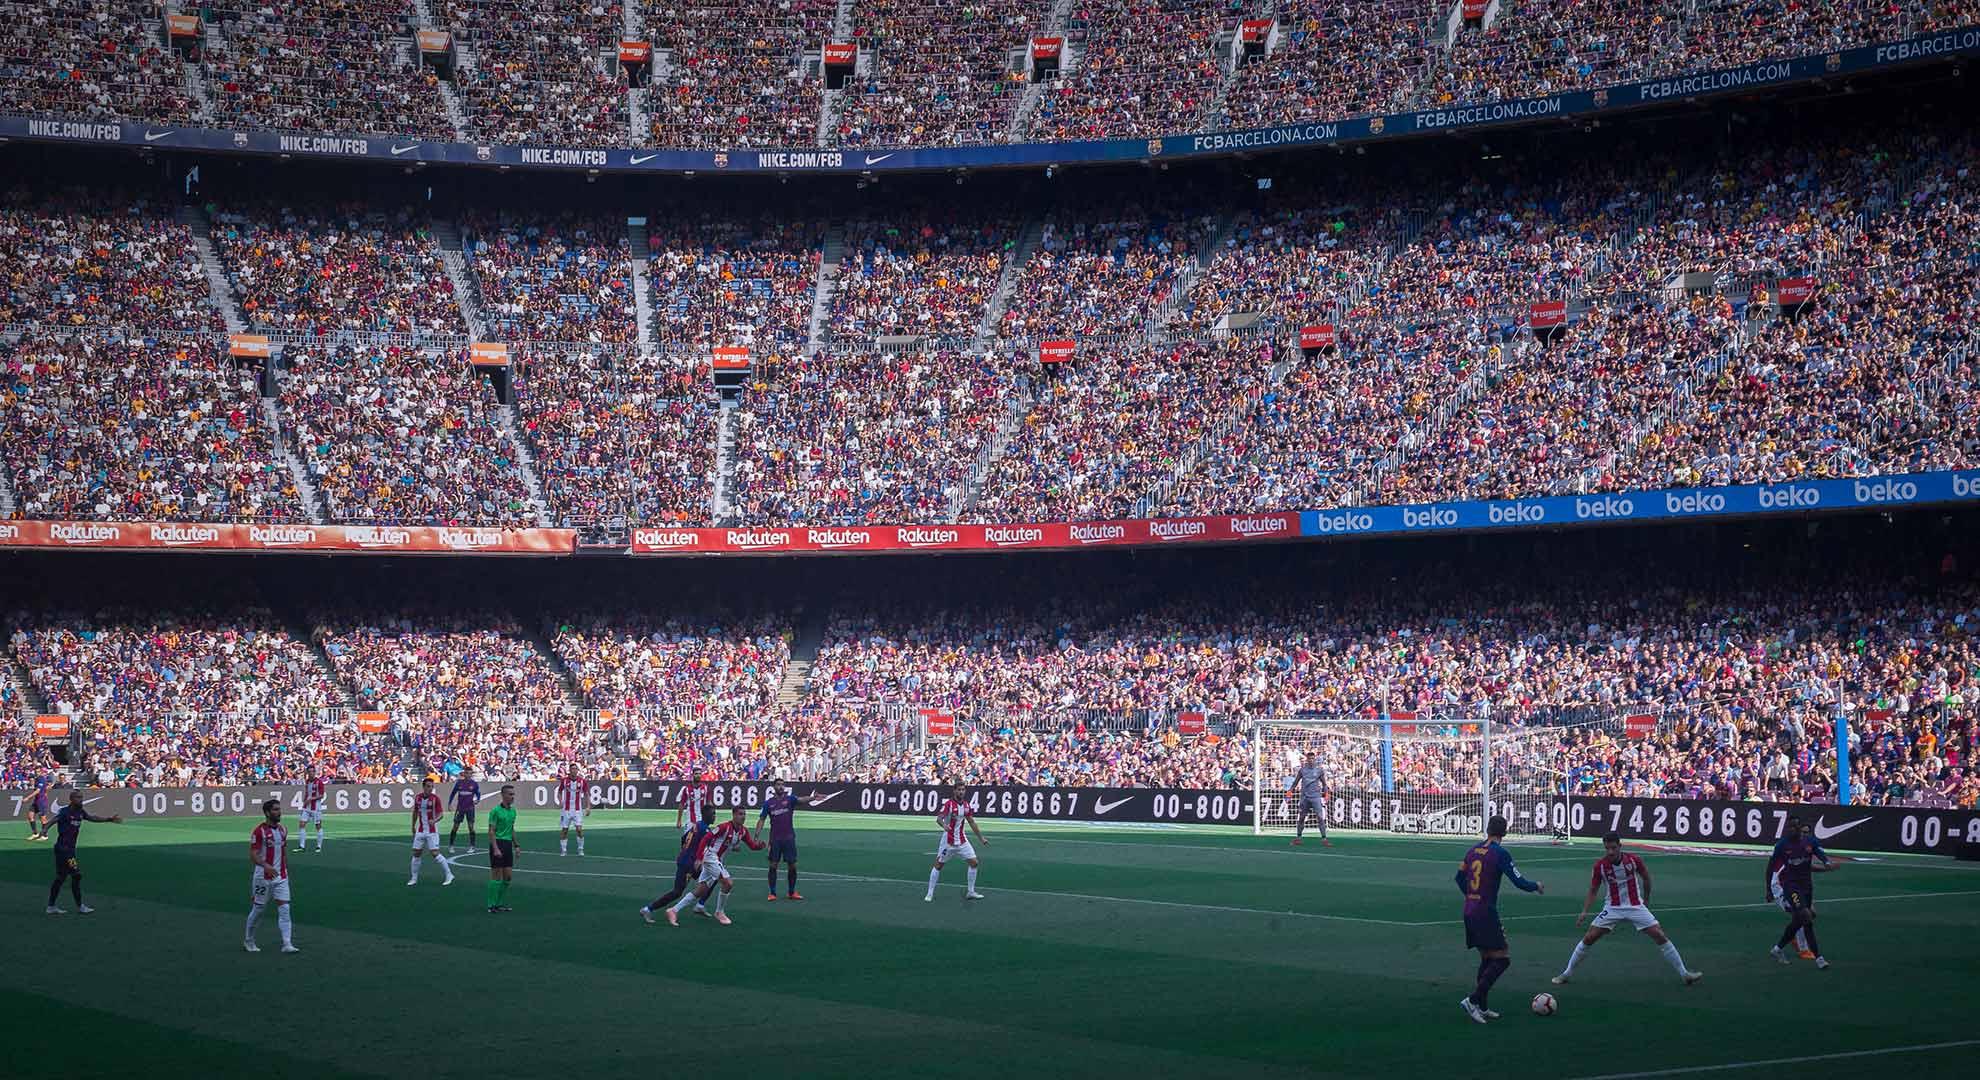 Estadio de fútbol Camp Nou, Barcelona